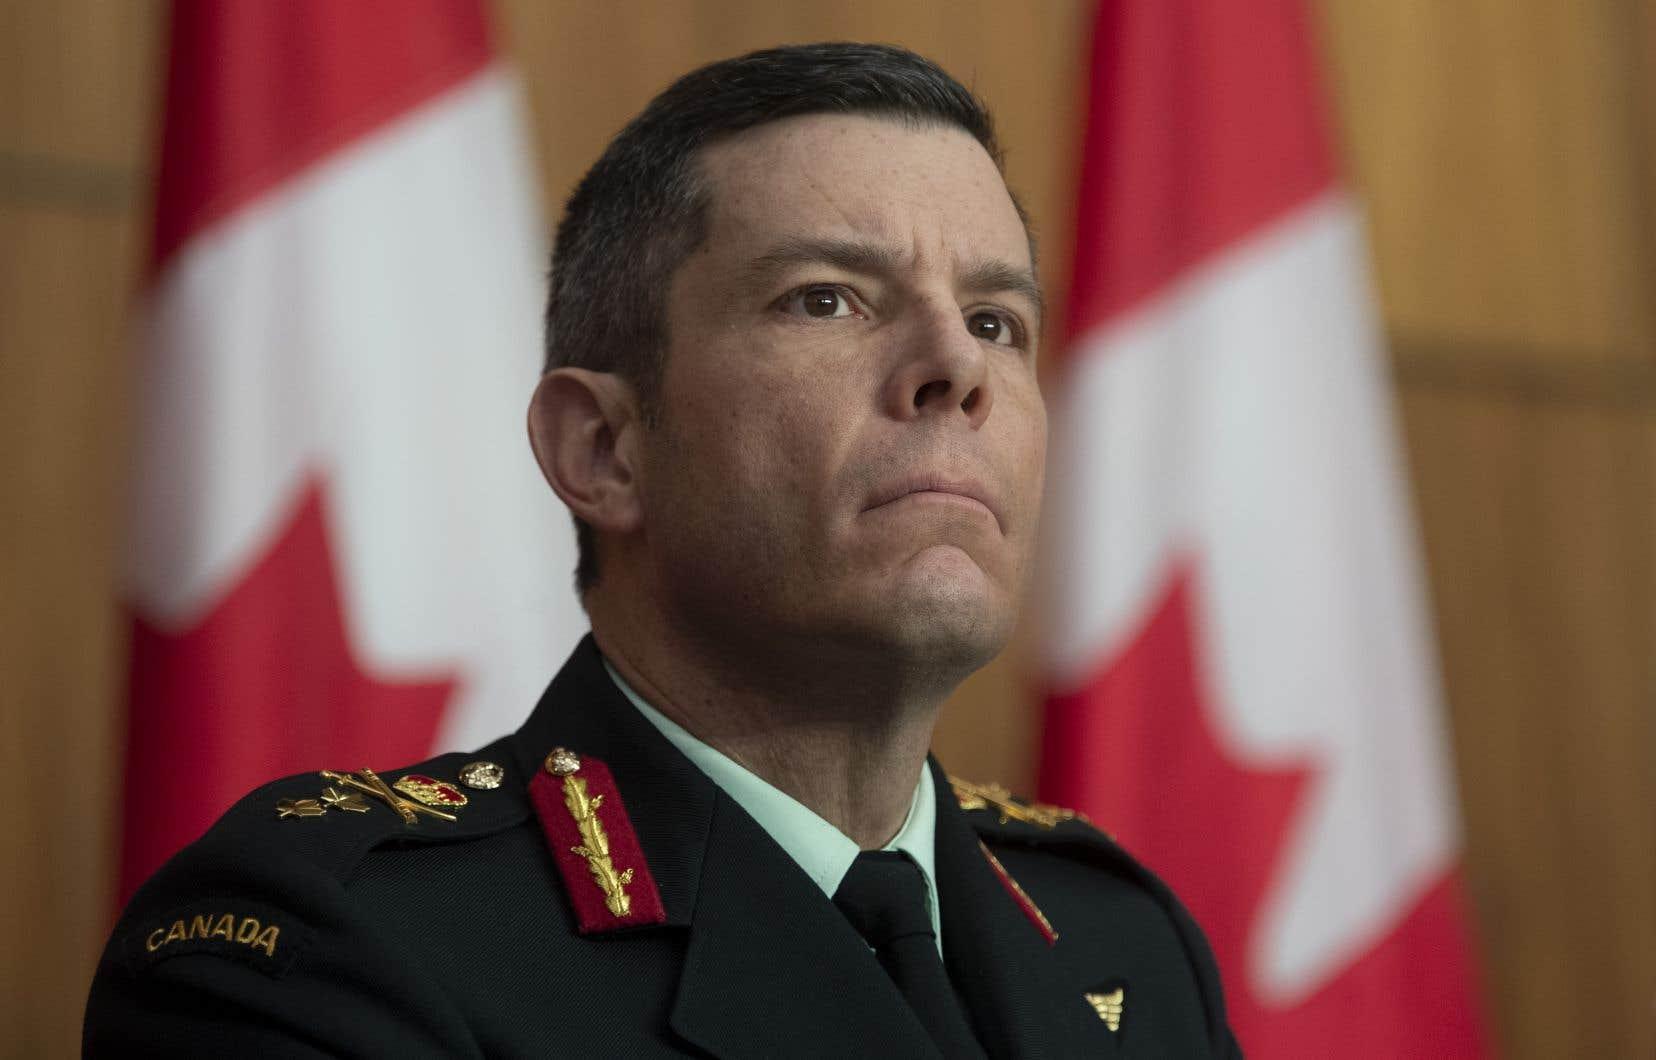 Le major général Dany Fortin supervisait le déploiement des vaccins contre la COVID-19 au Canada.